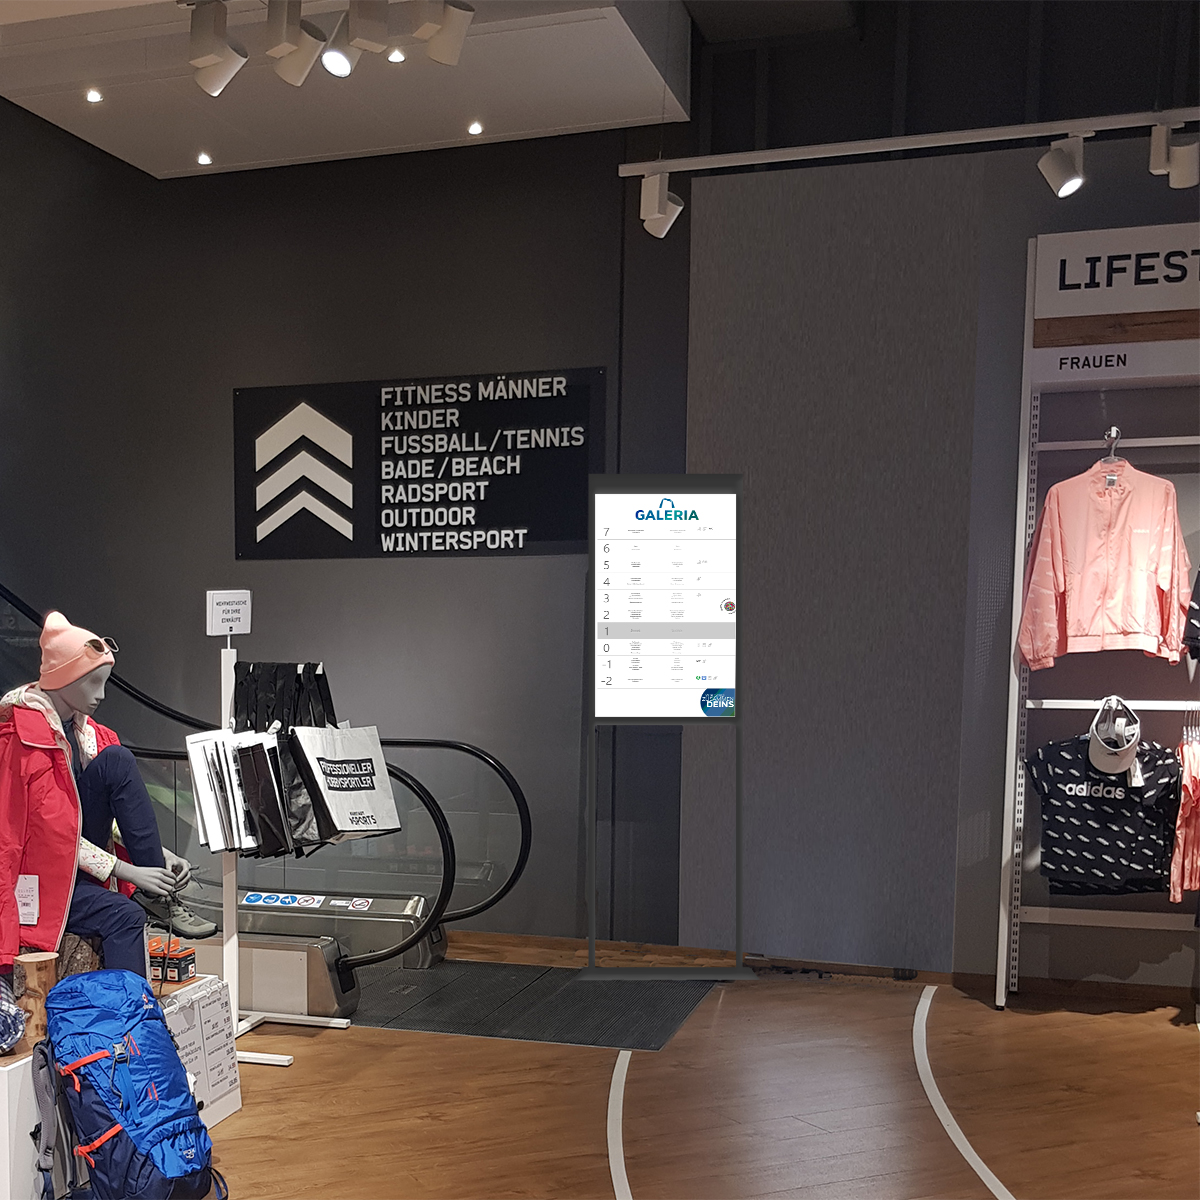 Digitaler Wegweiser bei Galeria Karstadt Kaufhof